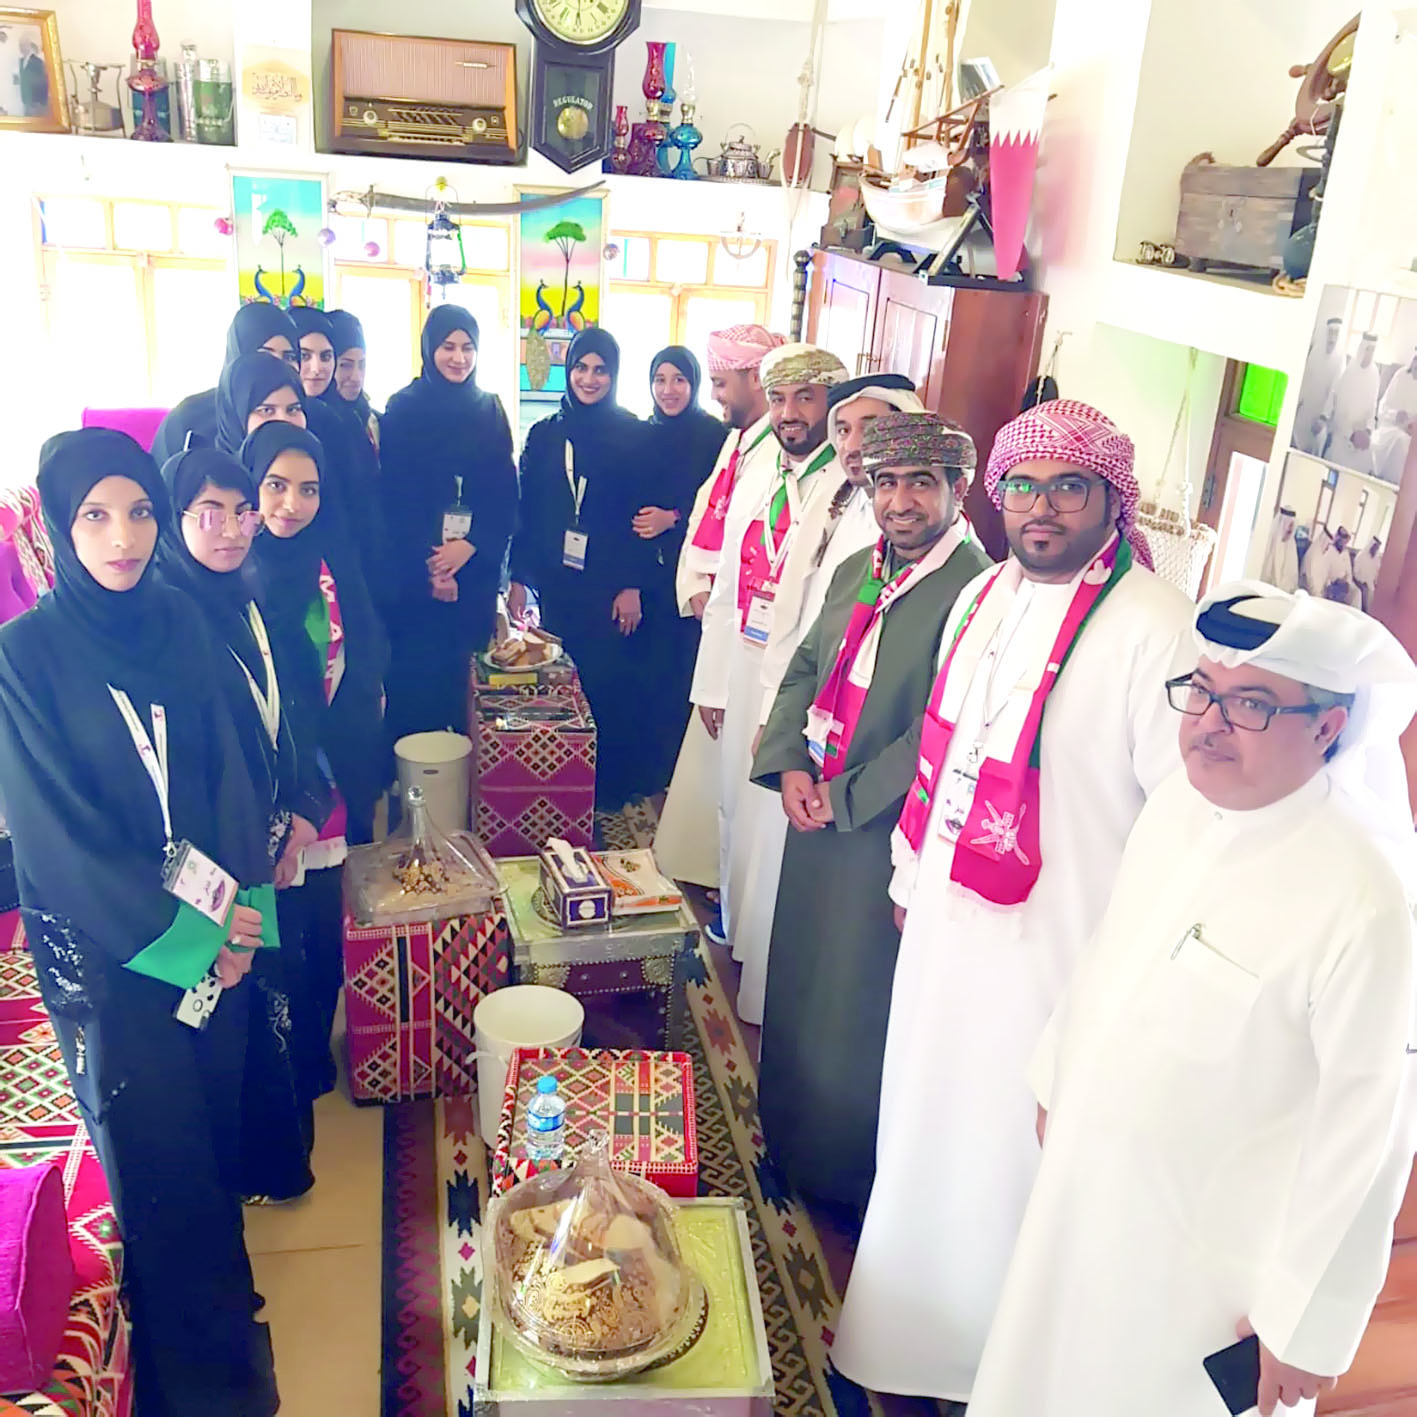 اختتم وفد طلبة كلية البريمي الجامعية المشارك في رحلة قطر التدريبية 2020 زيارته